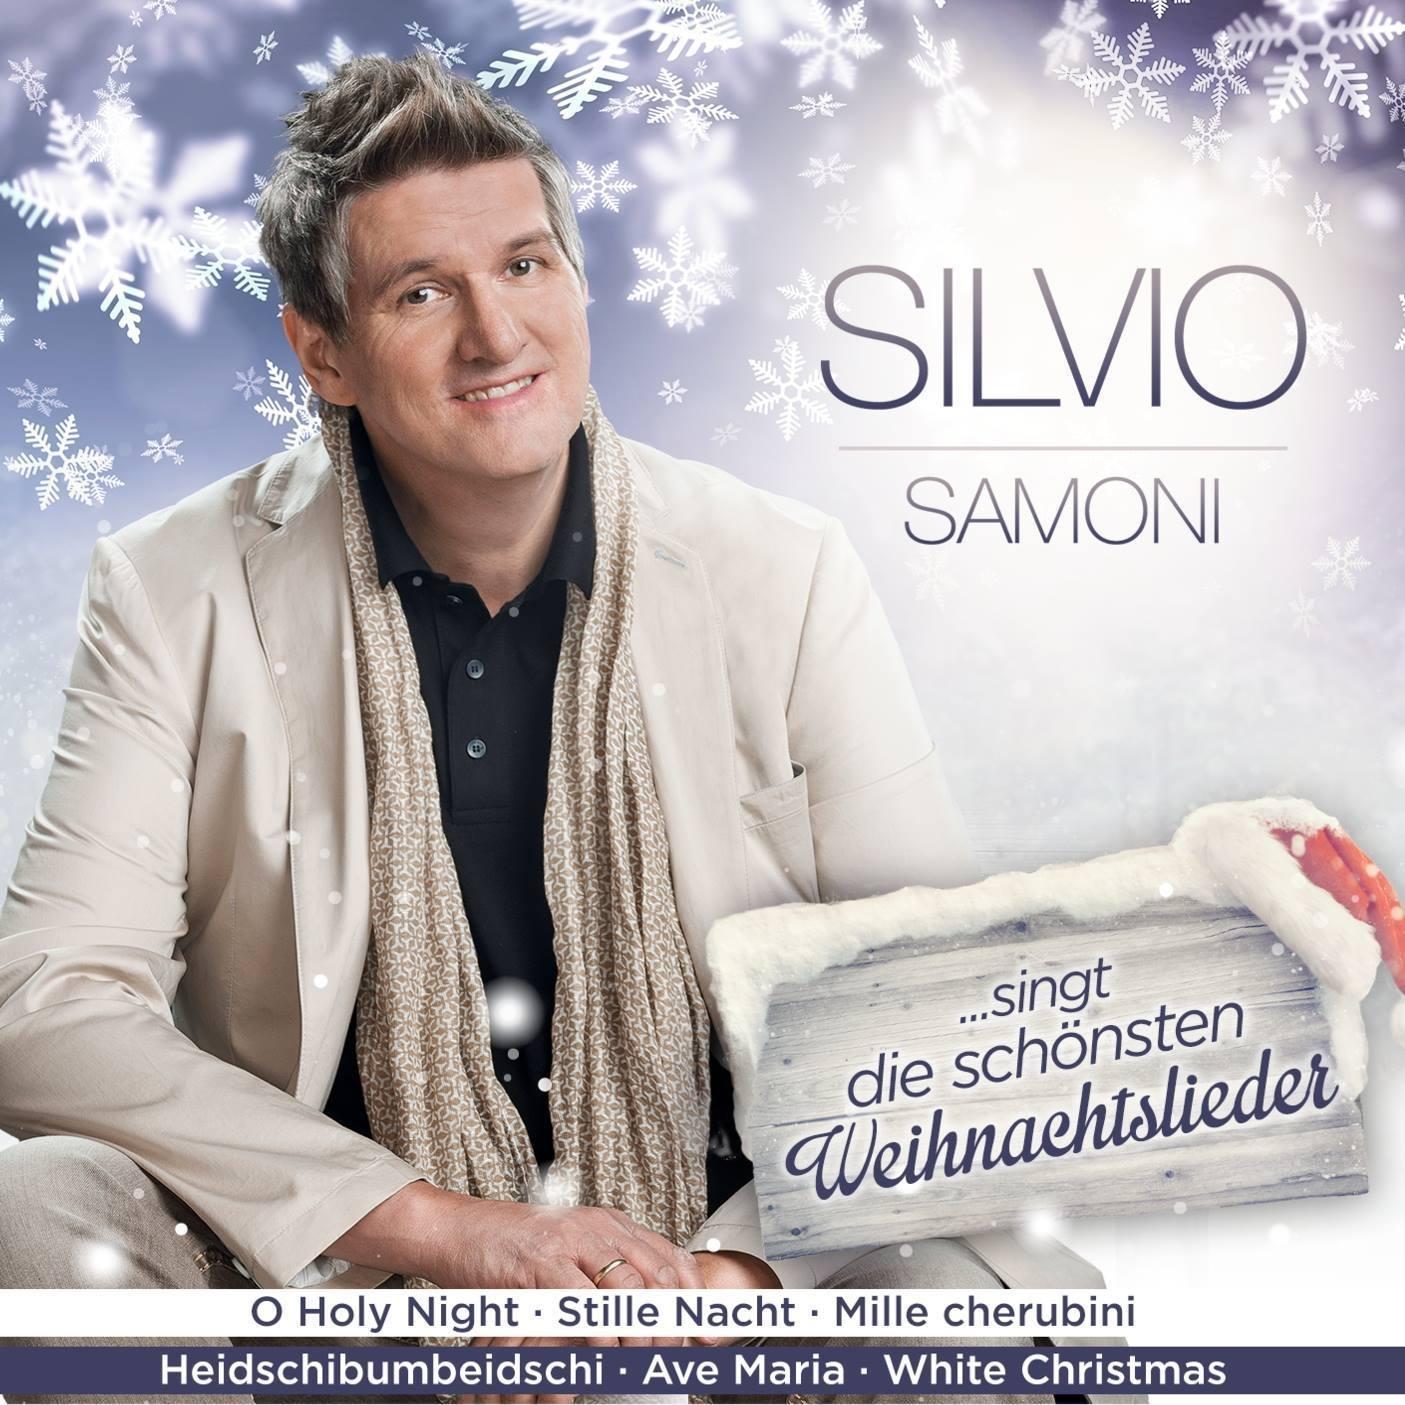 silvio samoni singt die sch nsten weihnachtslieder. Black Bedroom Furniture Sets. Home Design Ideas